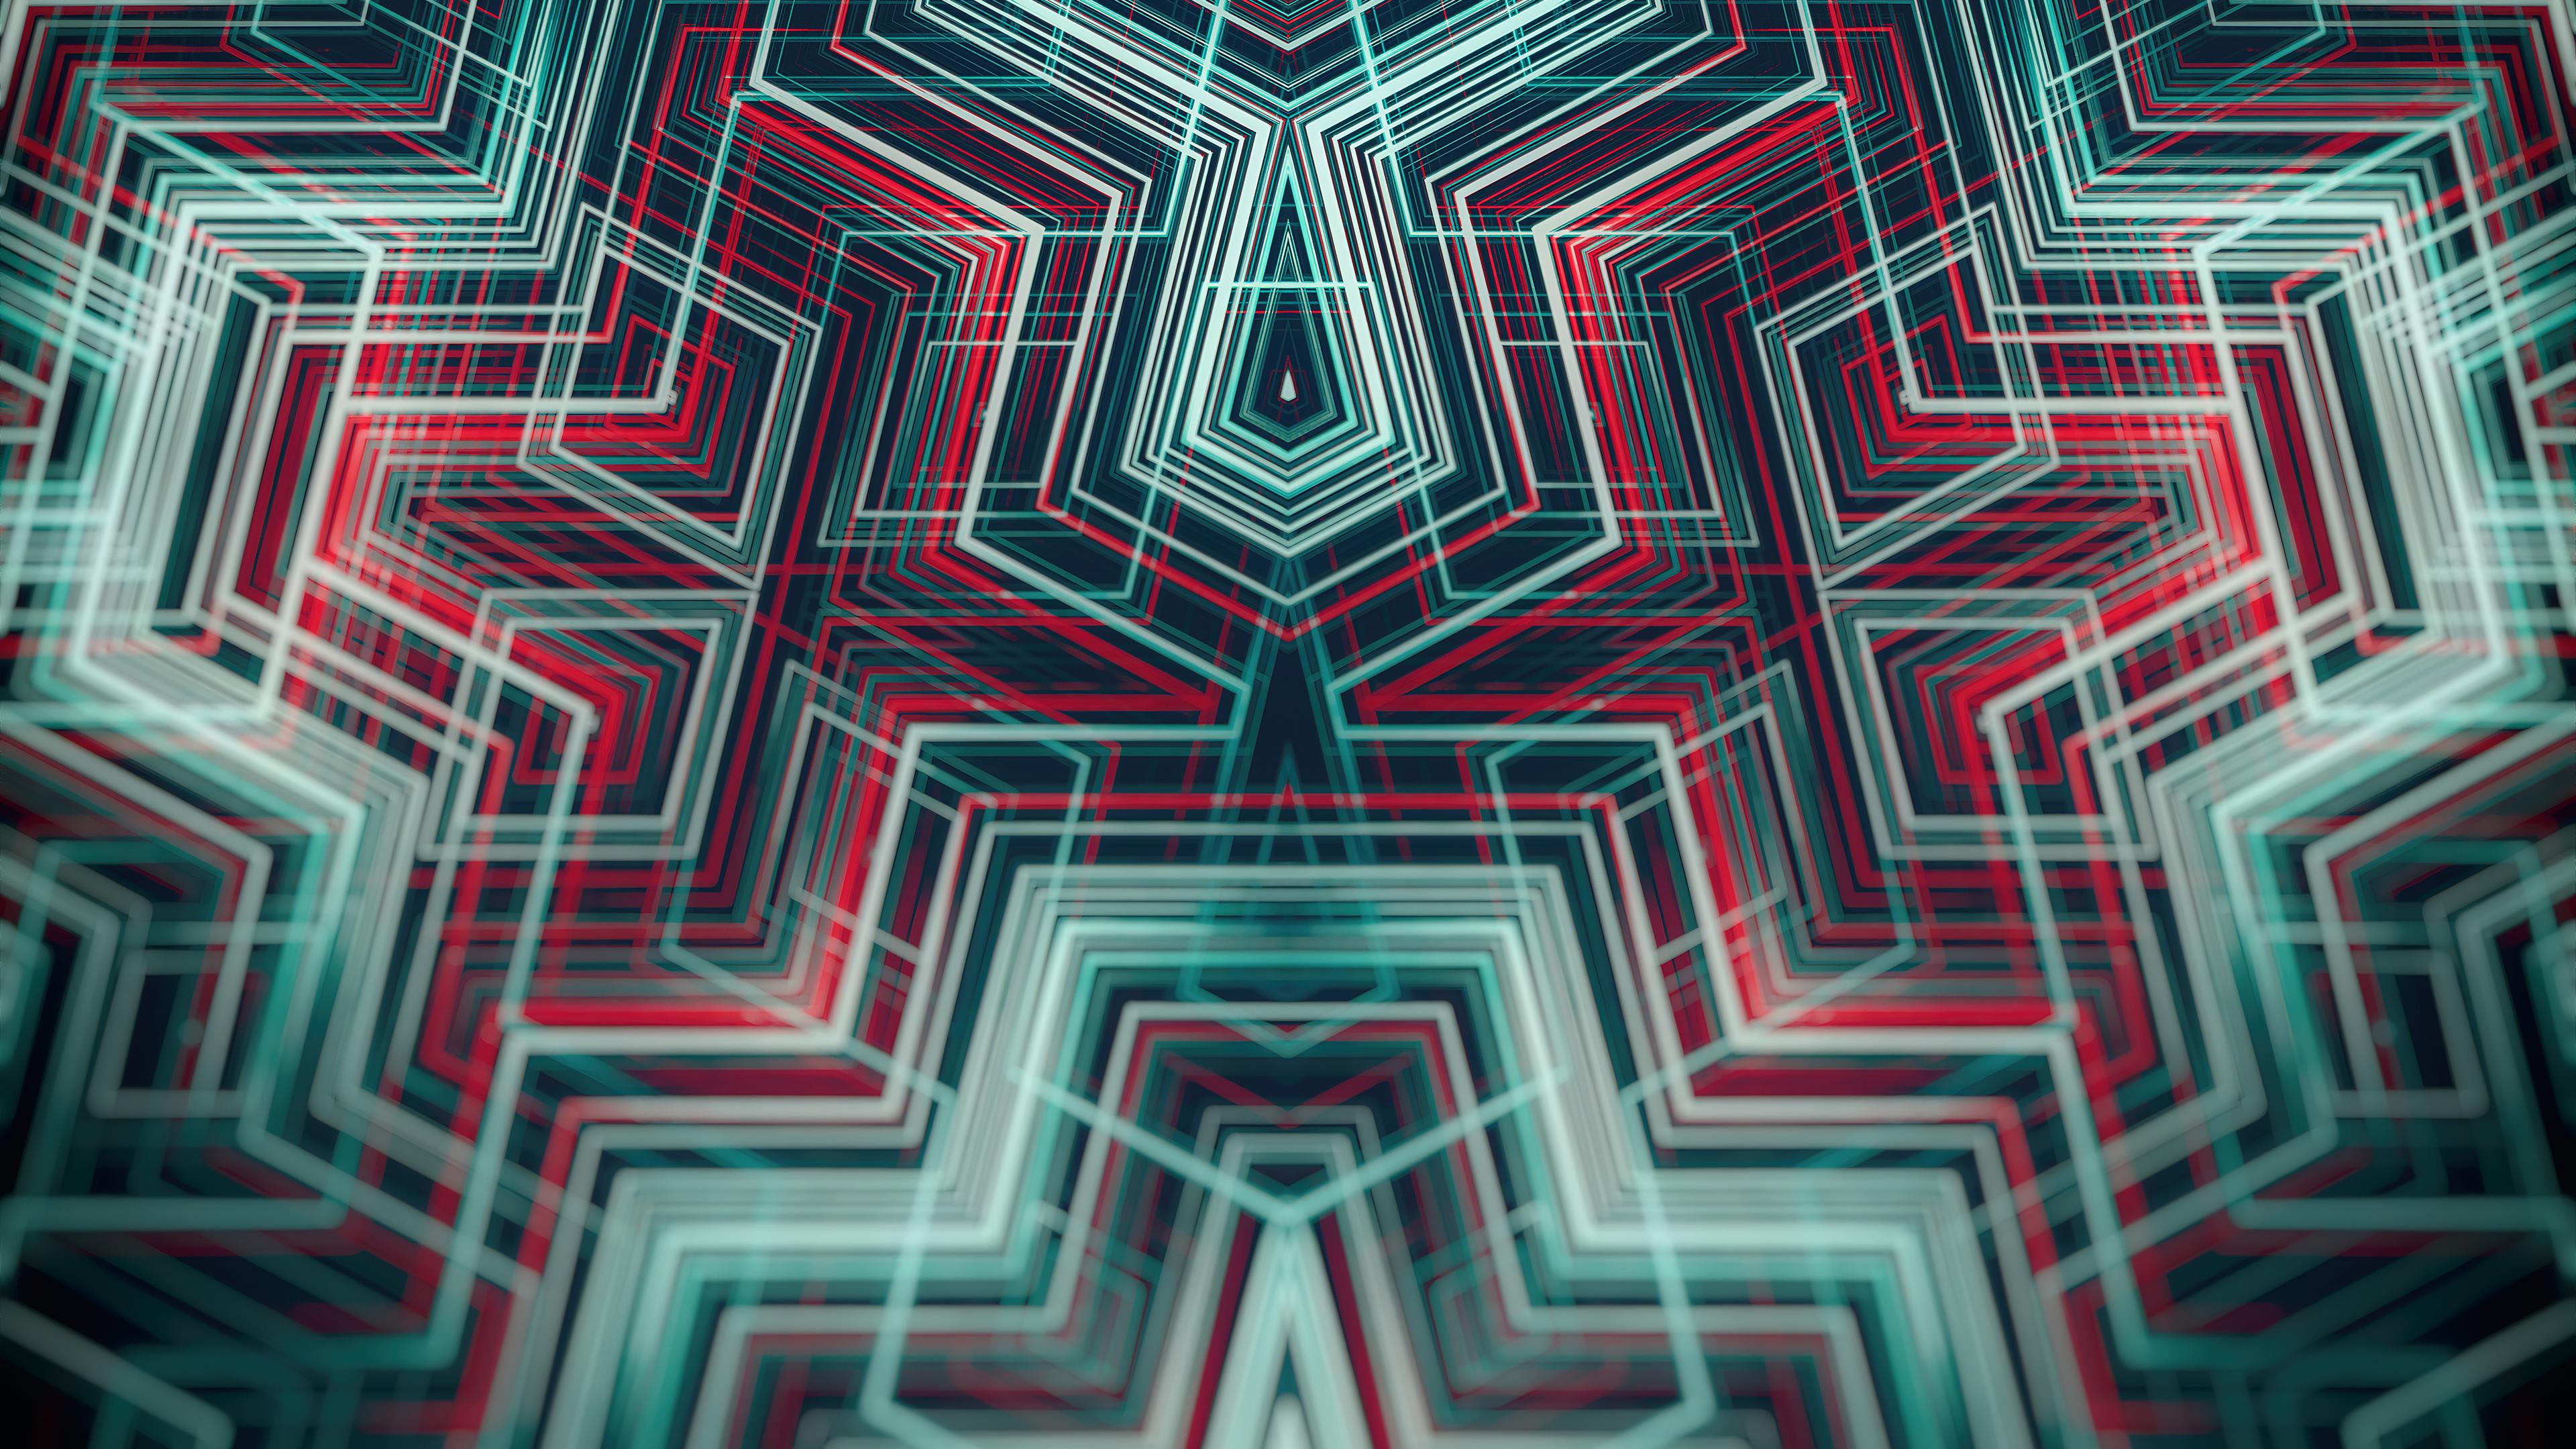 retroka abstract 1575660115 - Retroka Abstract -